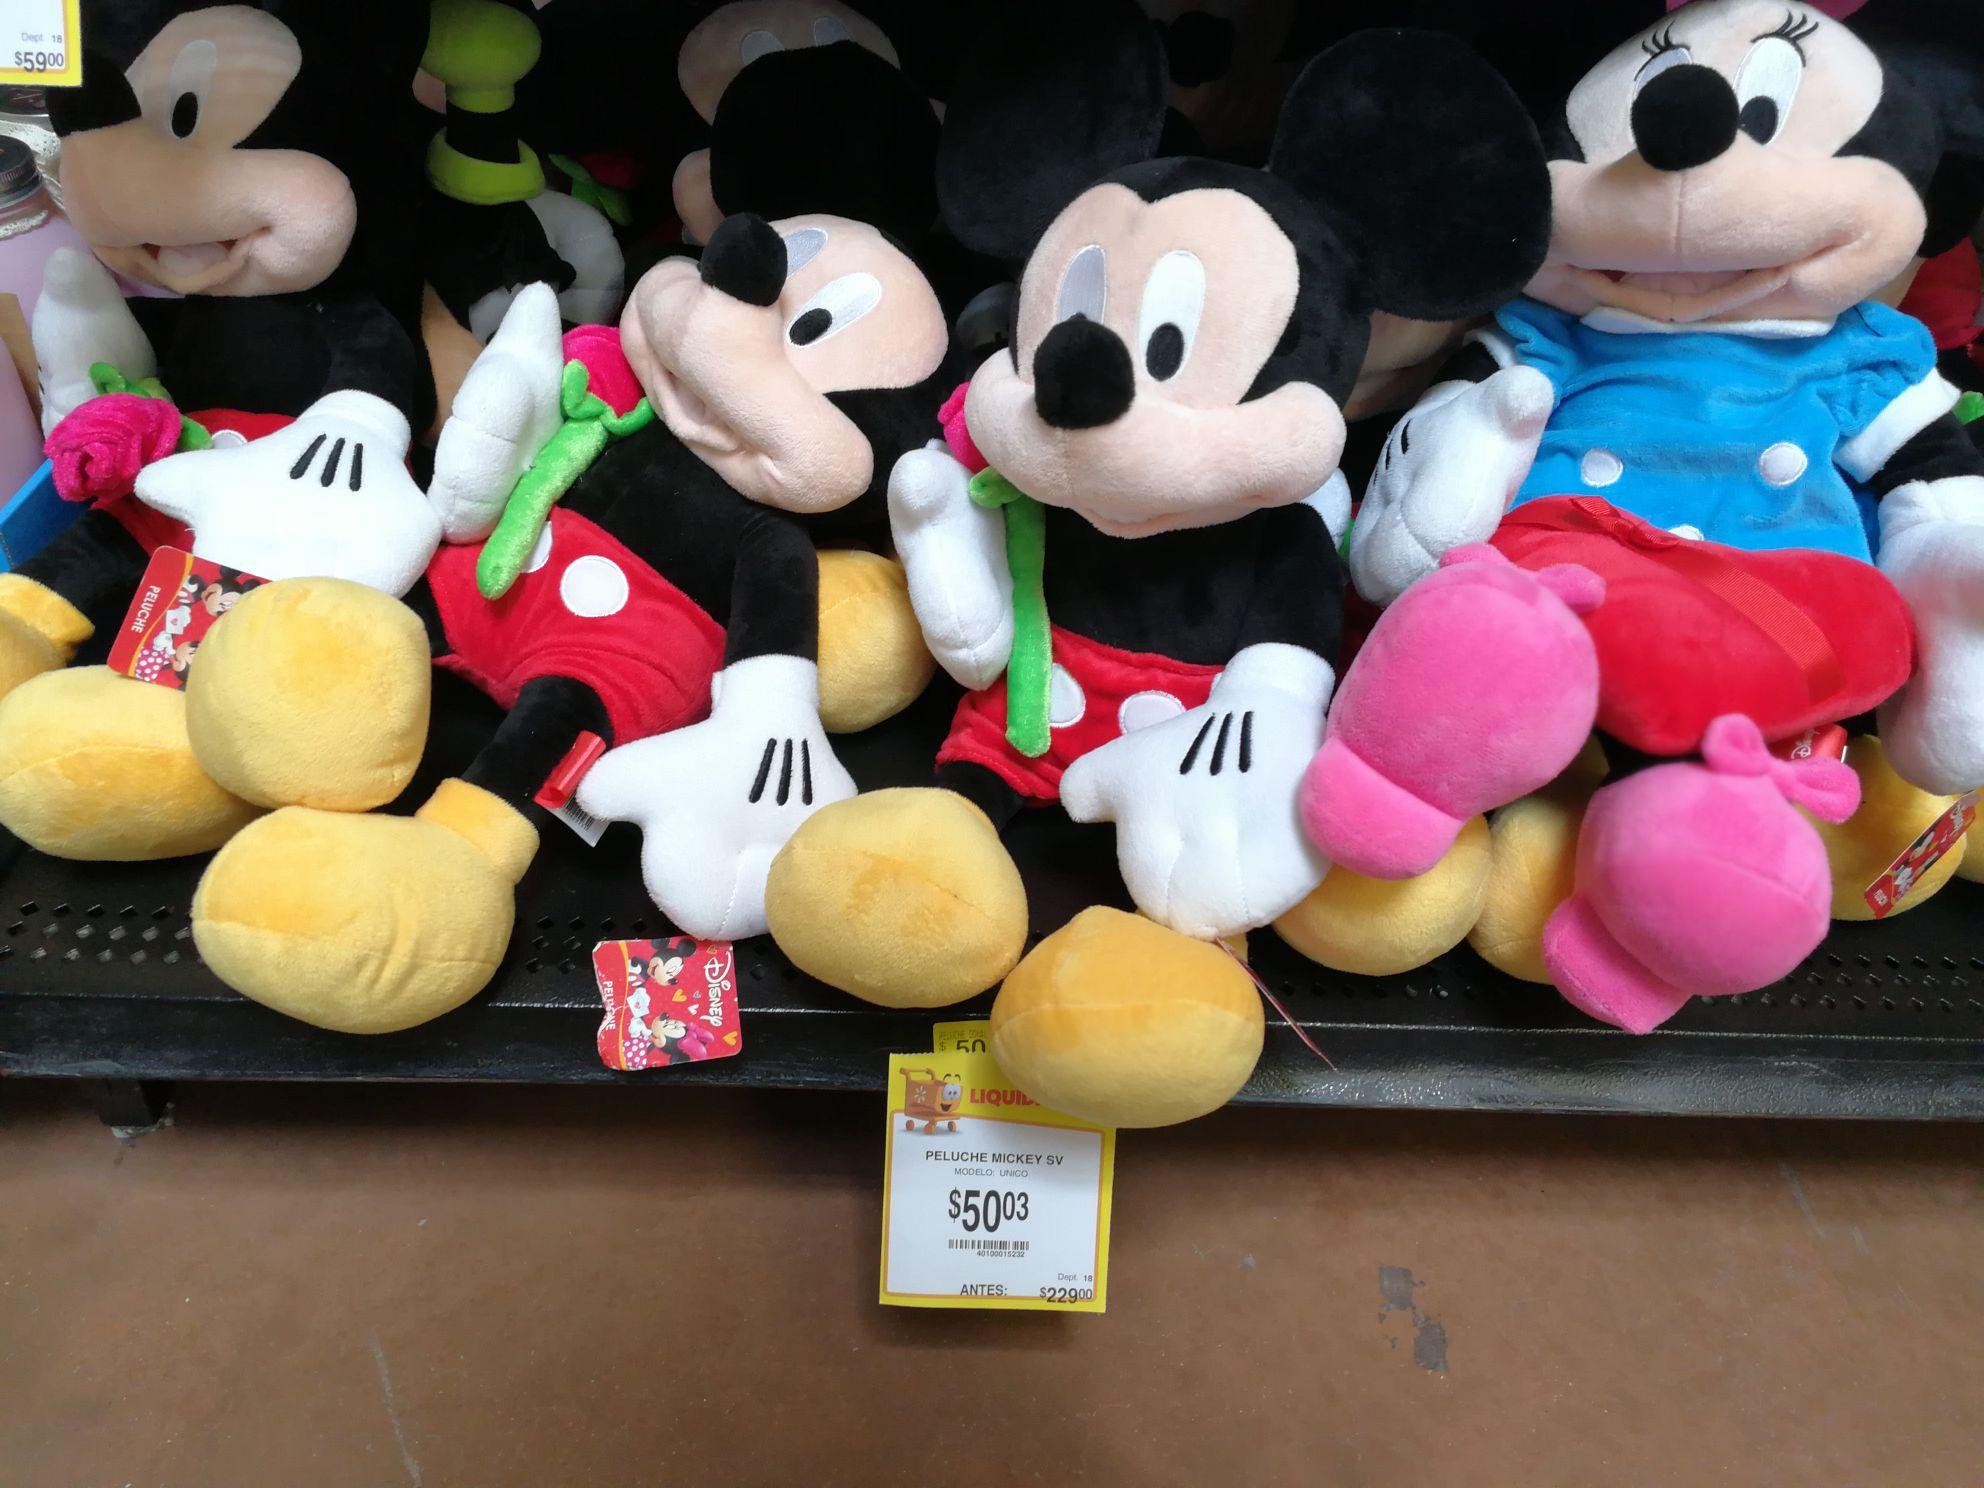 Walmart Cd Carmen: Peluches Disney Mickey y otros de Amor a $50.03